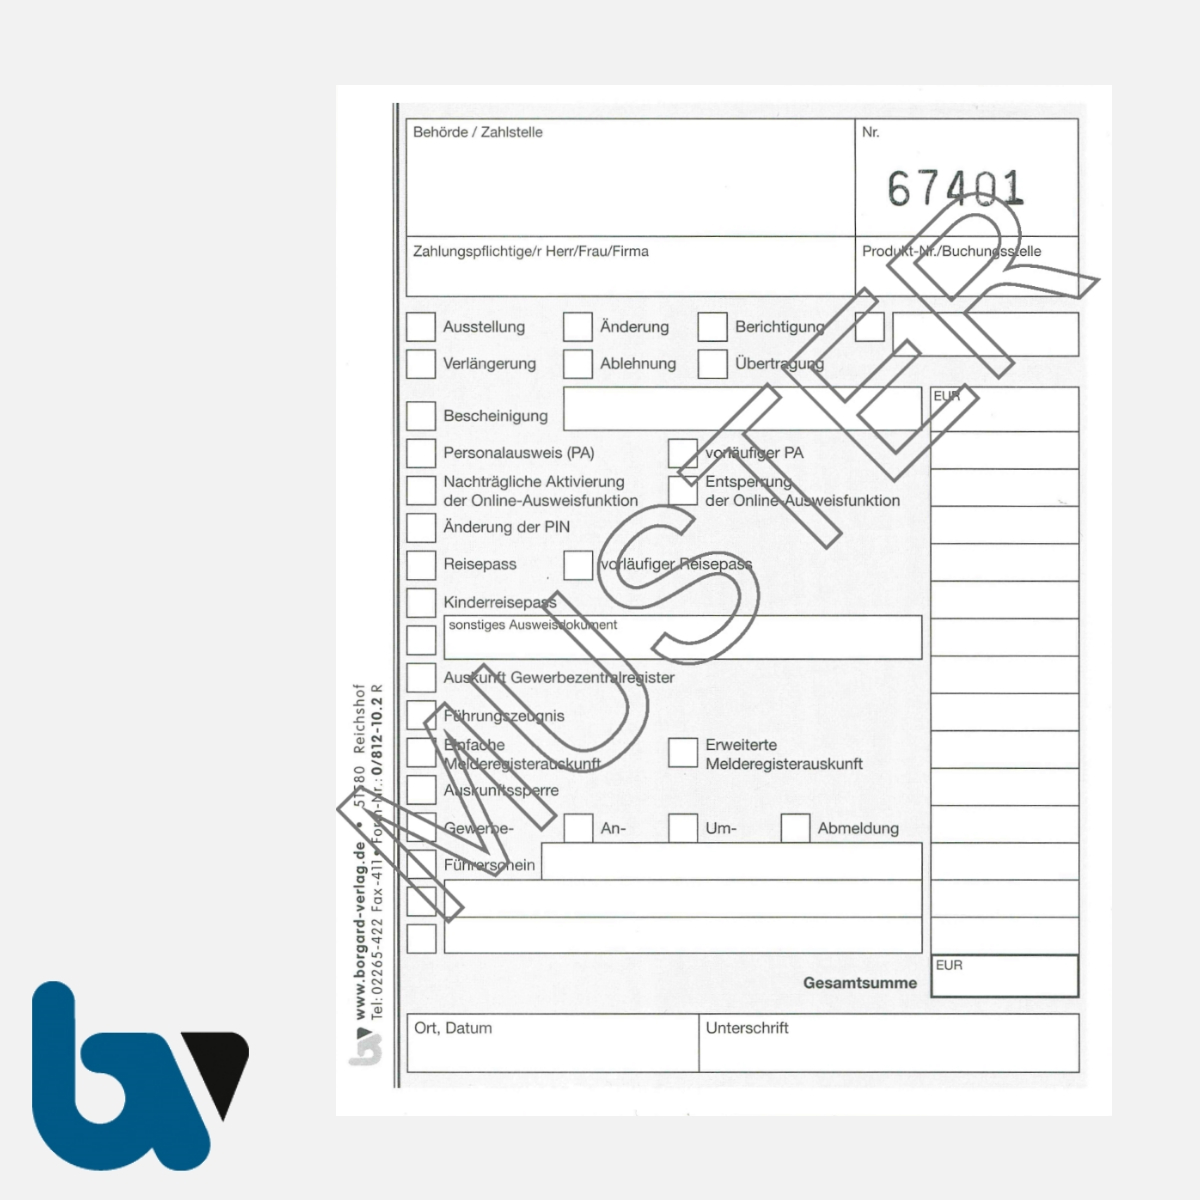 0/812-10.2 Quittung Empfangsbescheinigung Kasse Melde Bürgeramt Ausweis Pass Gewerbe Bar selbstdurchschreibend 2fach Schreibschutzdeckel Nummerierung fortlaufend DIN A6 S 1 | Borgard Verlag GmbH